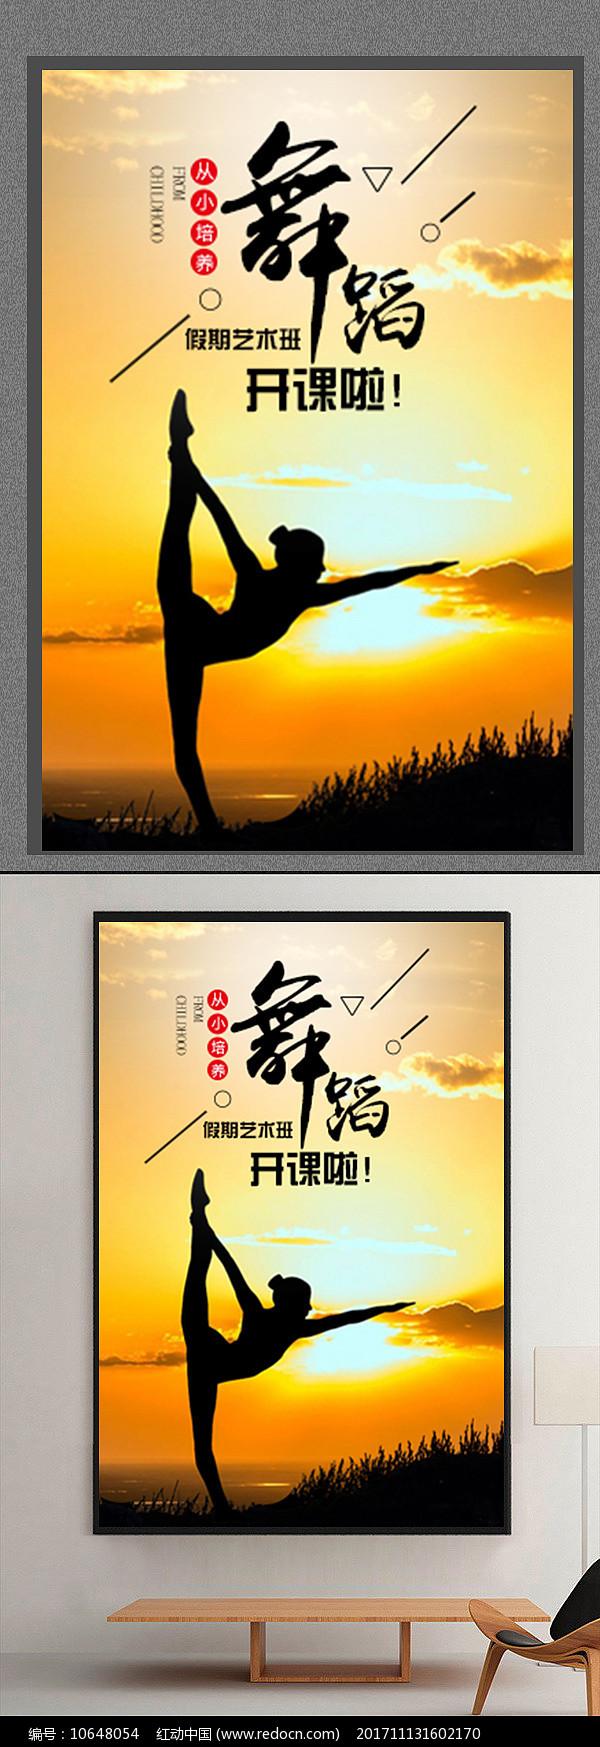 舞蹈招聘海报宣传设计图片